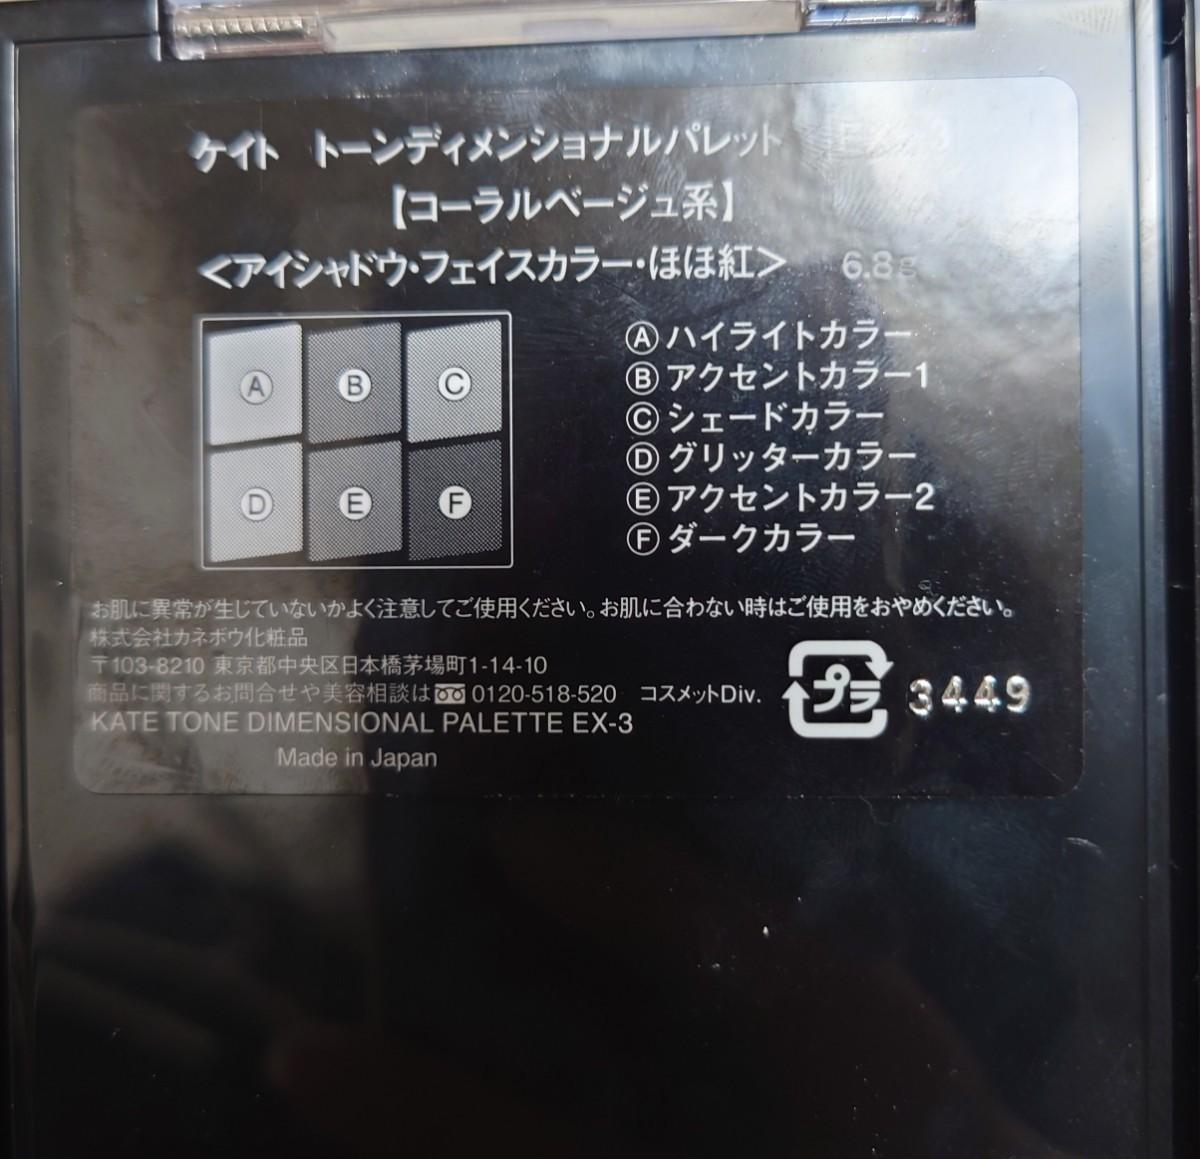 KATE トーンディメンショナルパレットEX-3 アイシャドウ(旧影色ライナーおまけ付き)